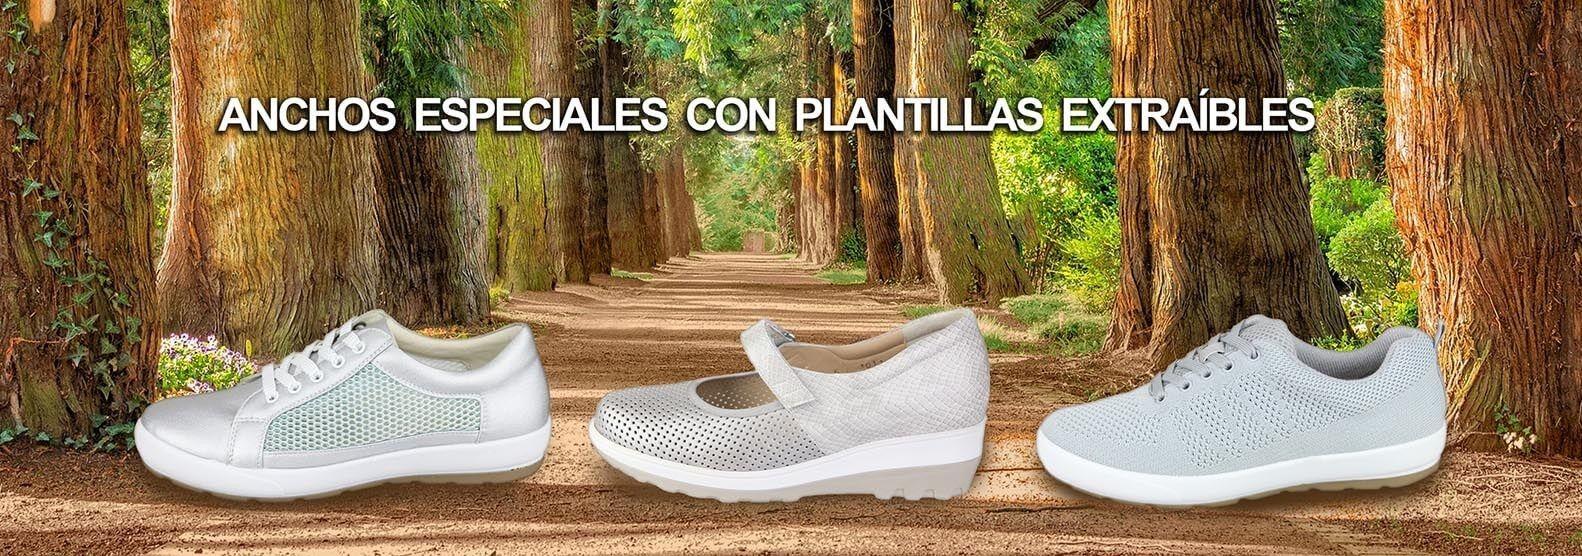 9db08ce9 Nueva temporada primavera verano Cari Falcó, zapatos para plantillas ...